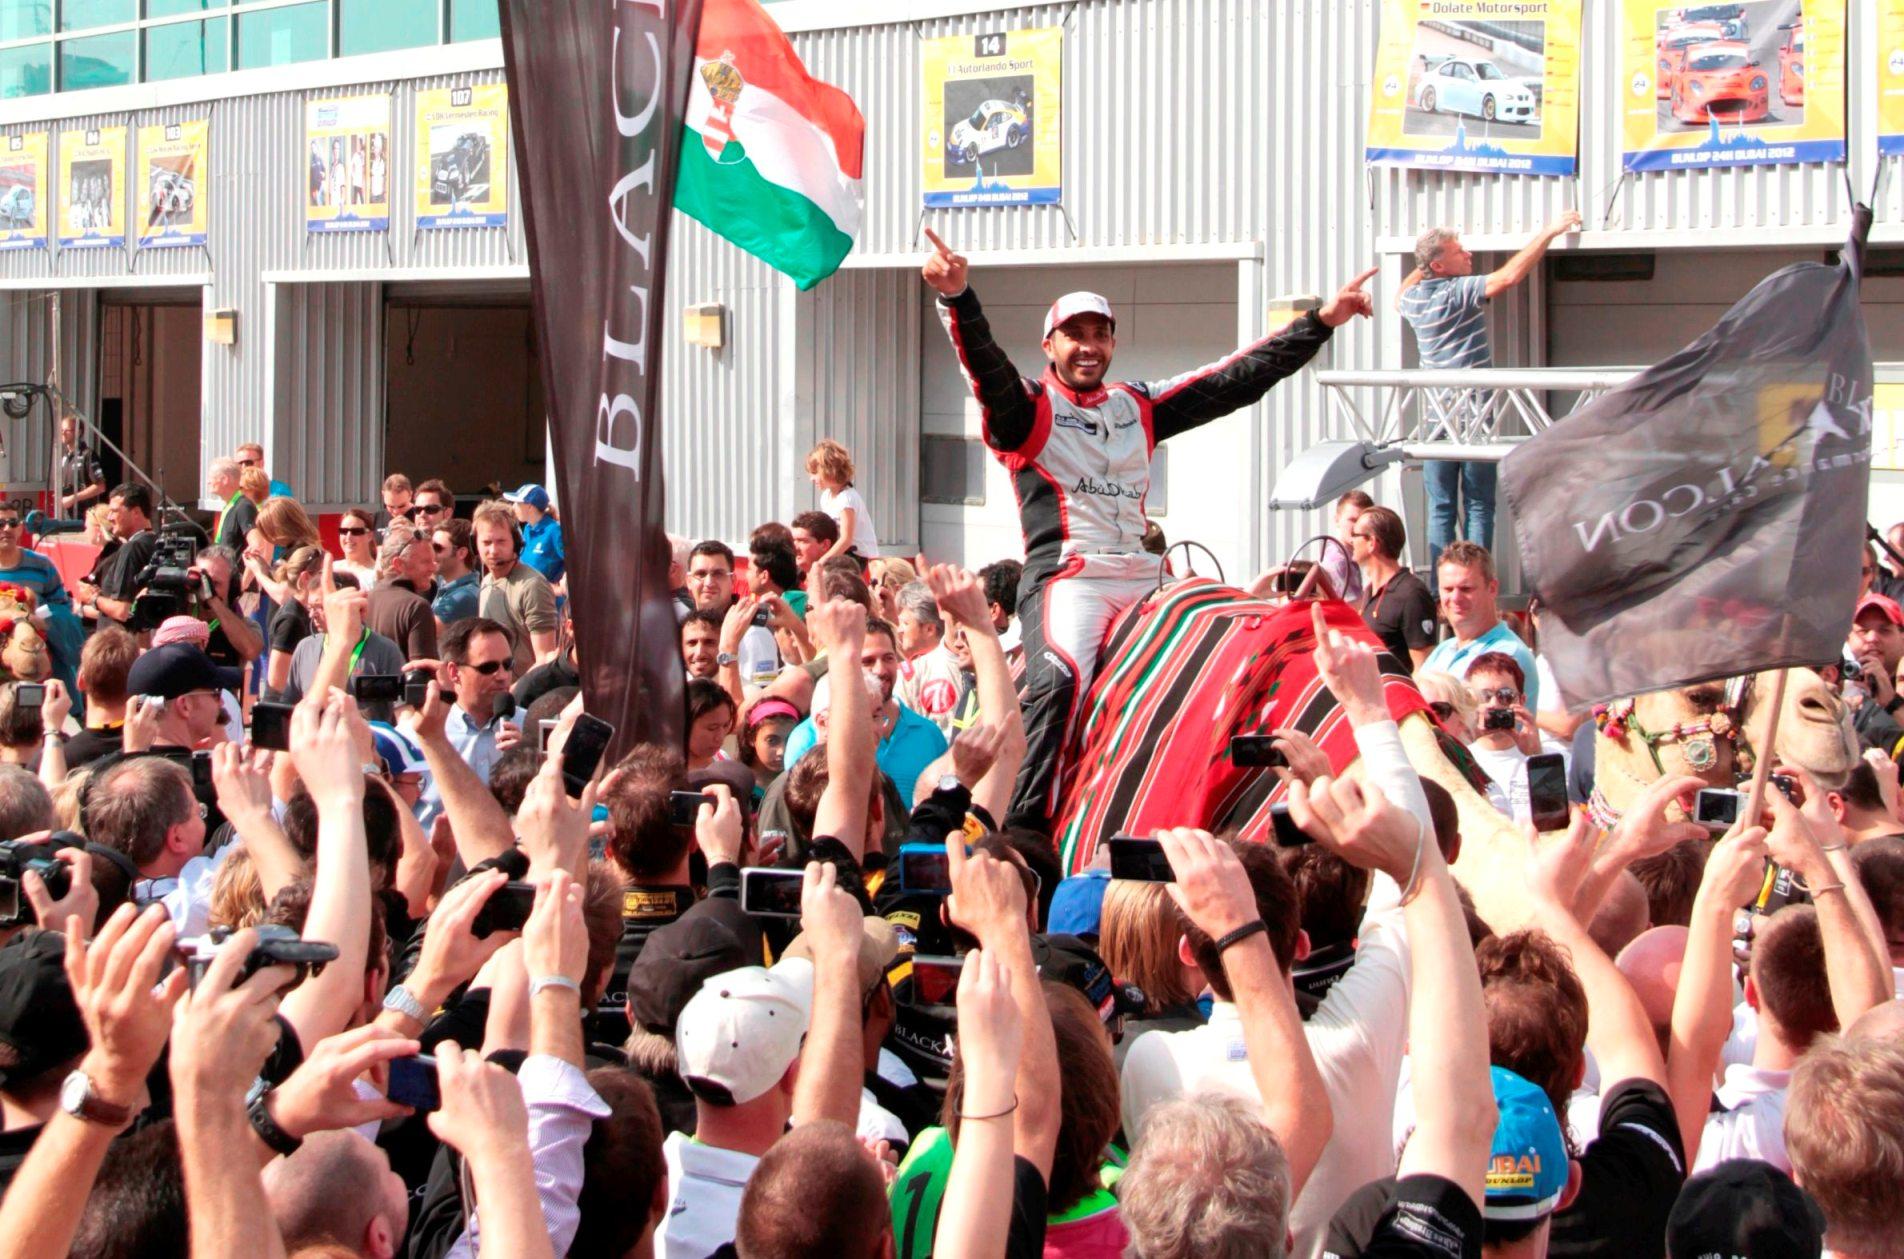 القبيسي: فريق أبوظبي ريسينغ يشكل إضافة نوعية لرياضة السيارات في الإمارات